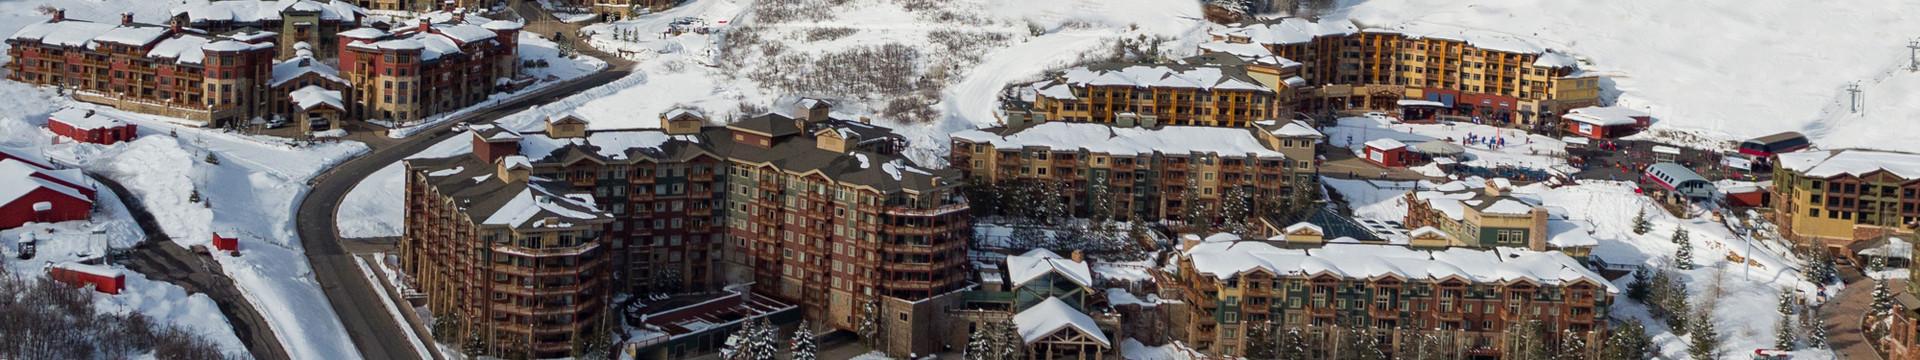 Discounts for Park City, Utah Hotel and Ski Resort   Resort Exterior